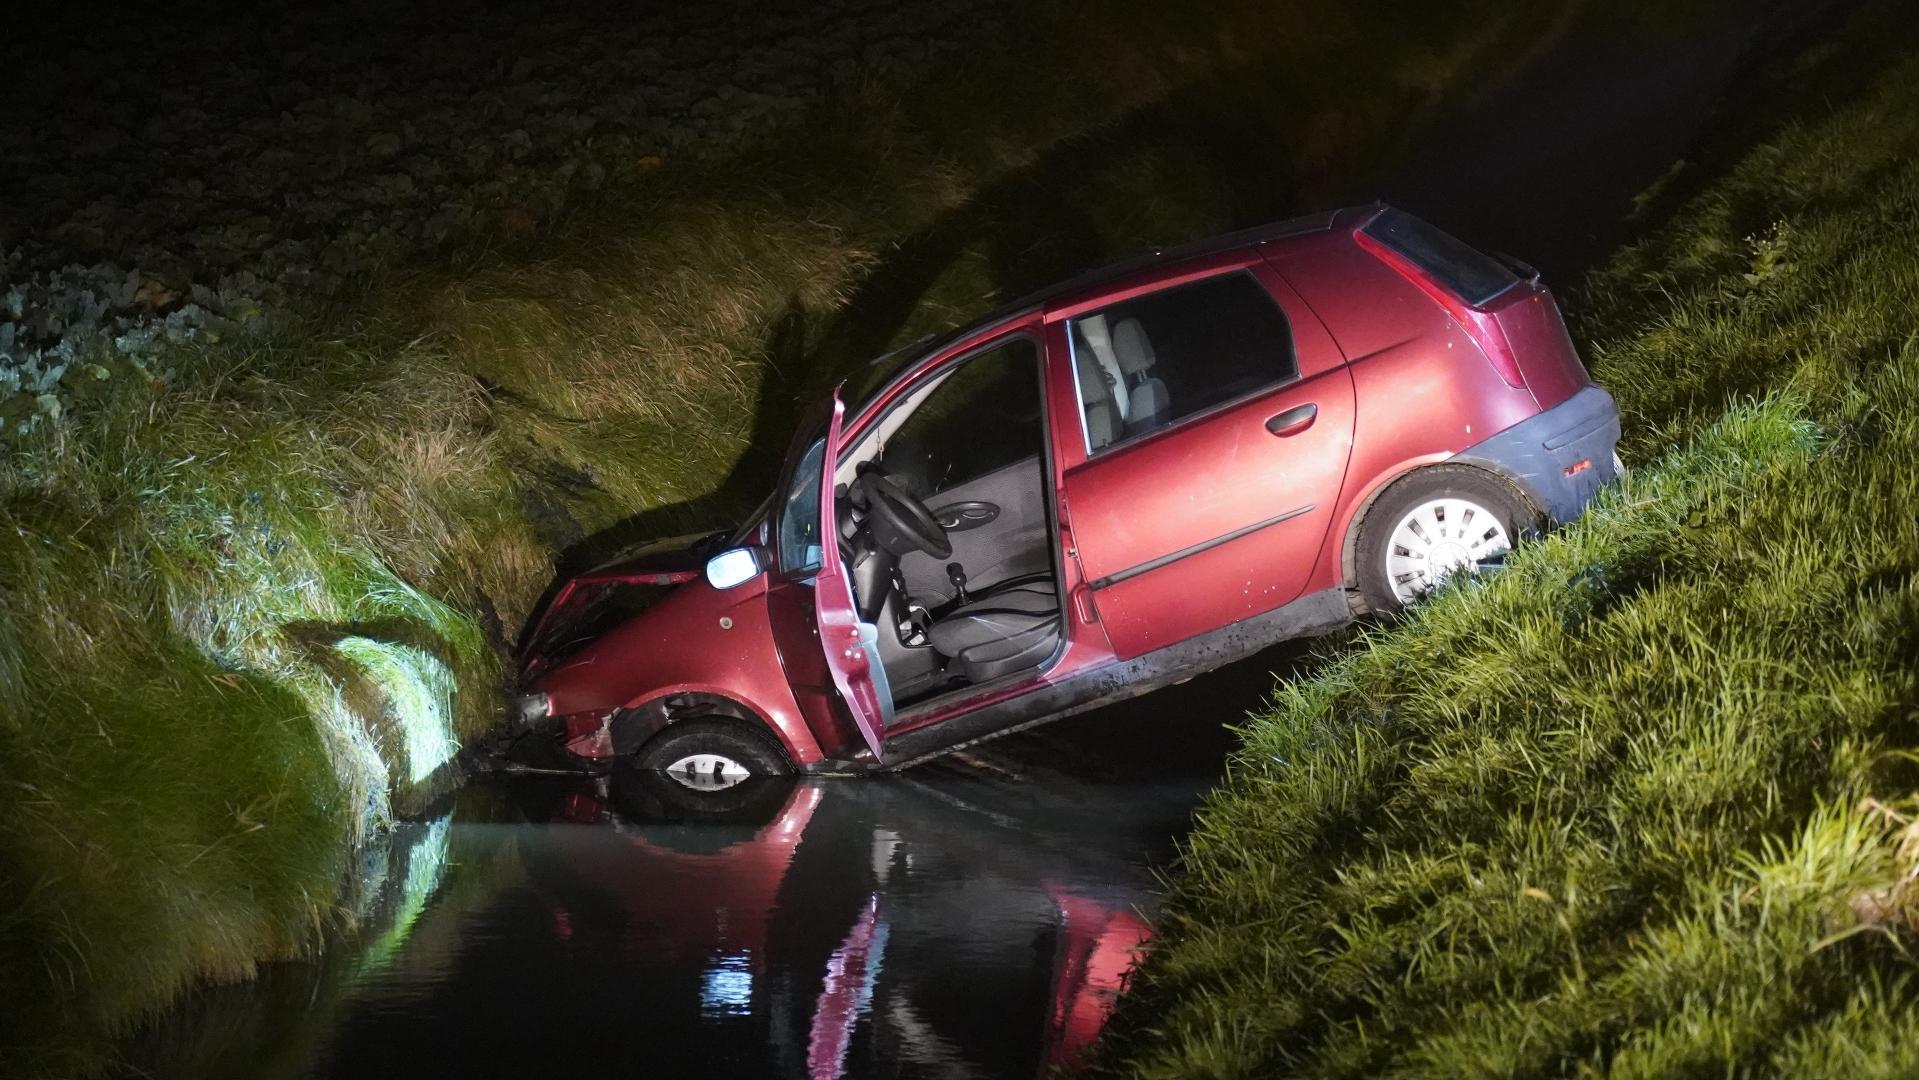 Auto eindigt in sloot Dirkshorn, bestuurder met nat pak later pas aangetroffen